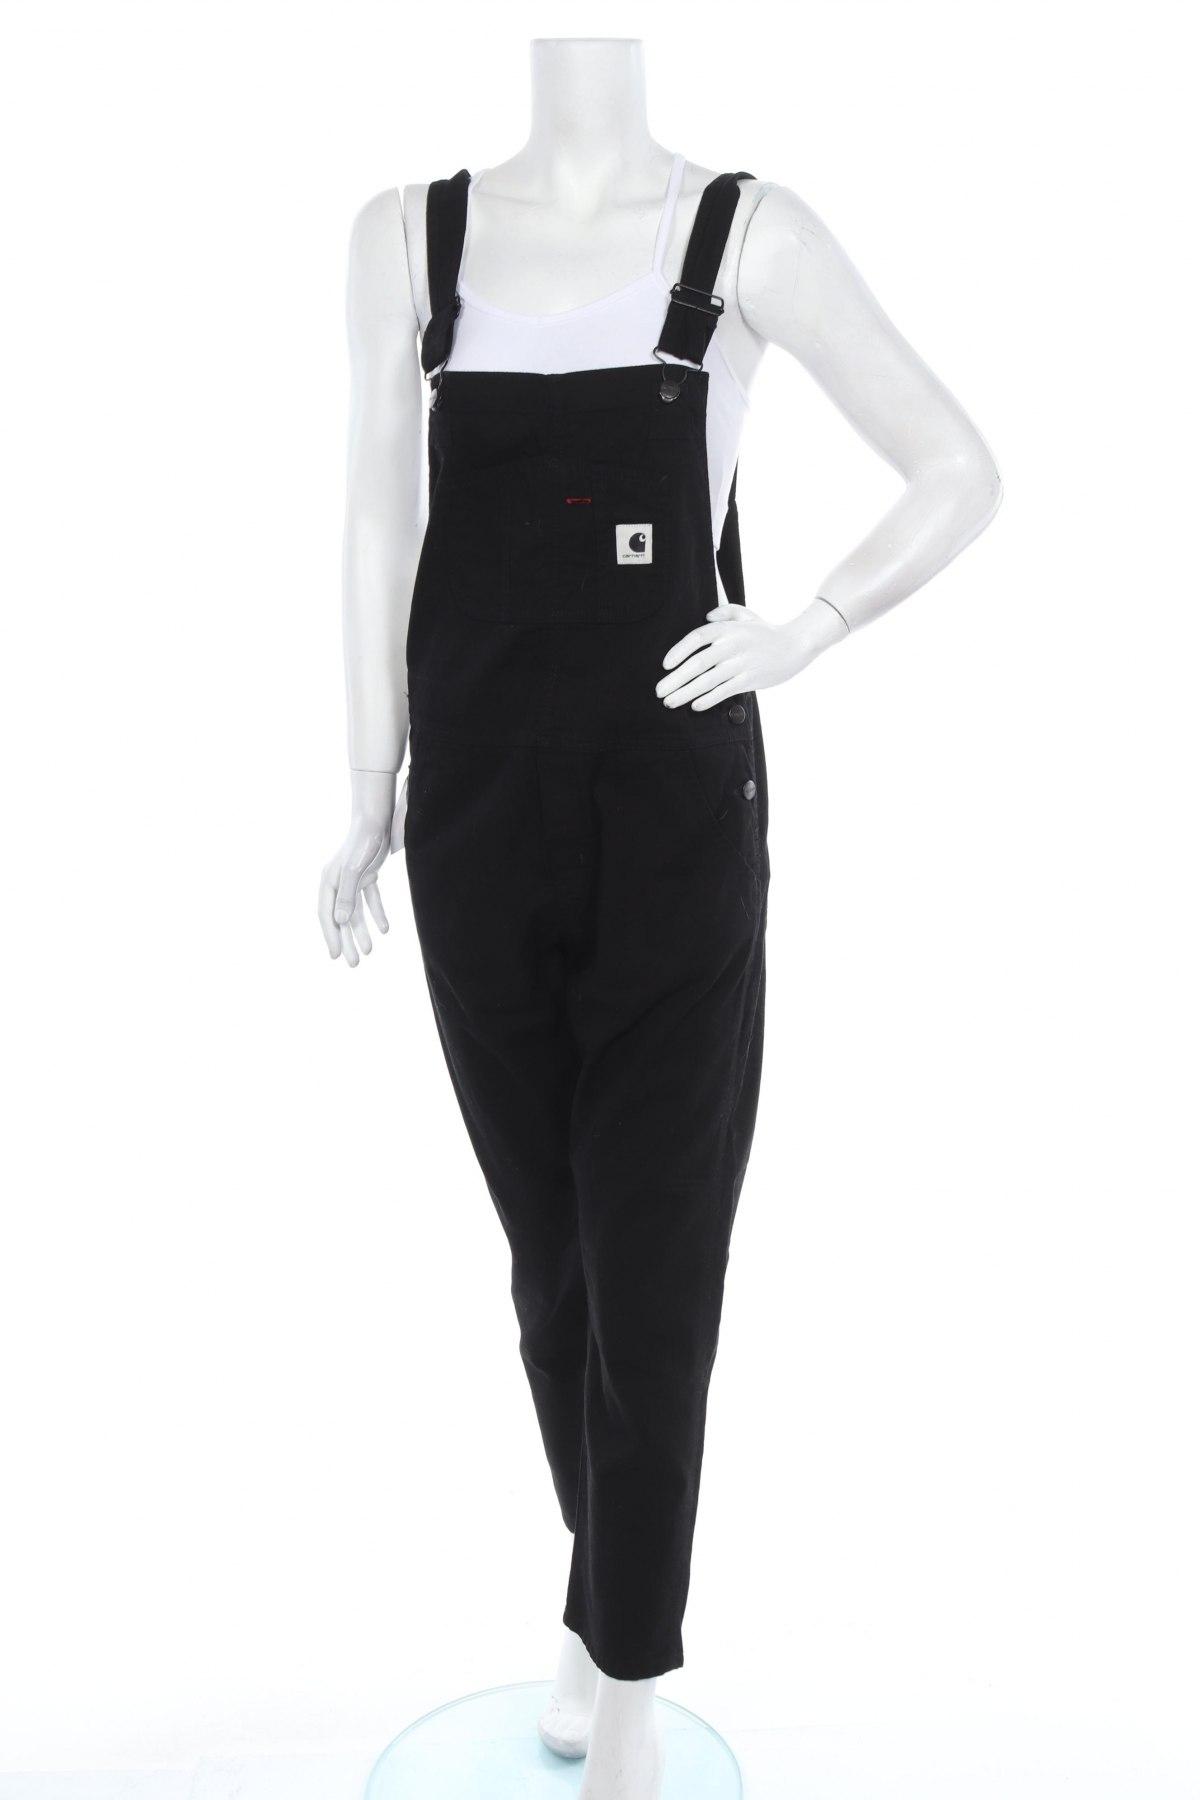 Γυναικεία σαλοπέτα Carhartt, Μέγεθος M, Χρώμα Μαύρο, 96% βαμβάκι, 4% ελαστάνη, Τιμή 94,29€